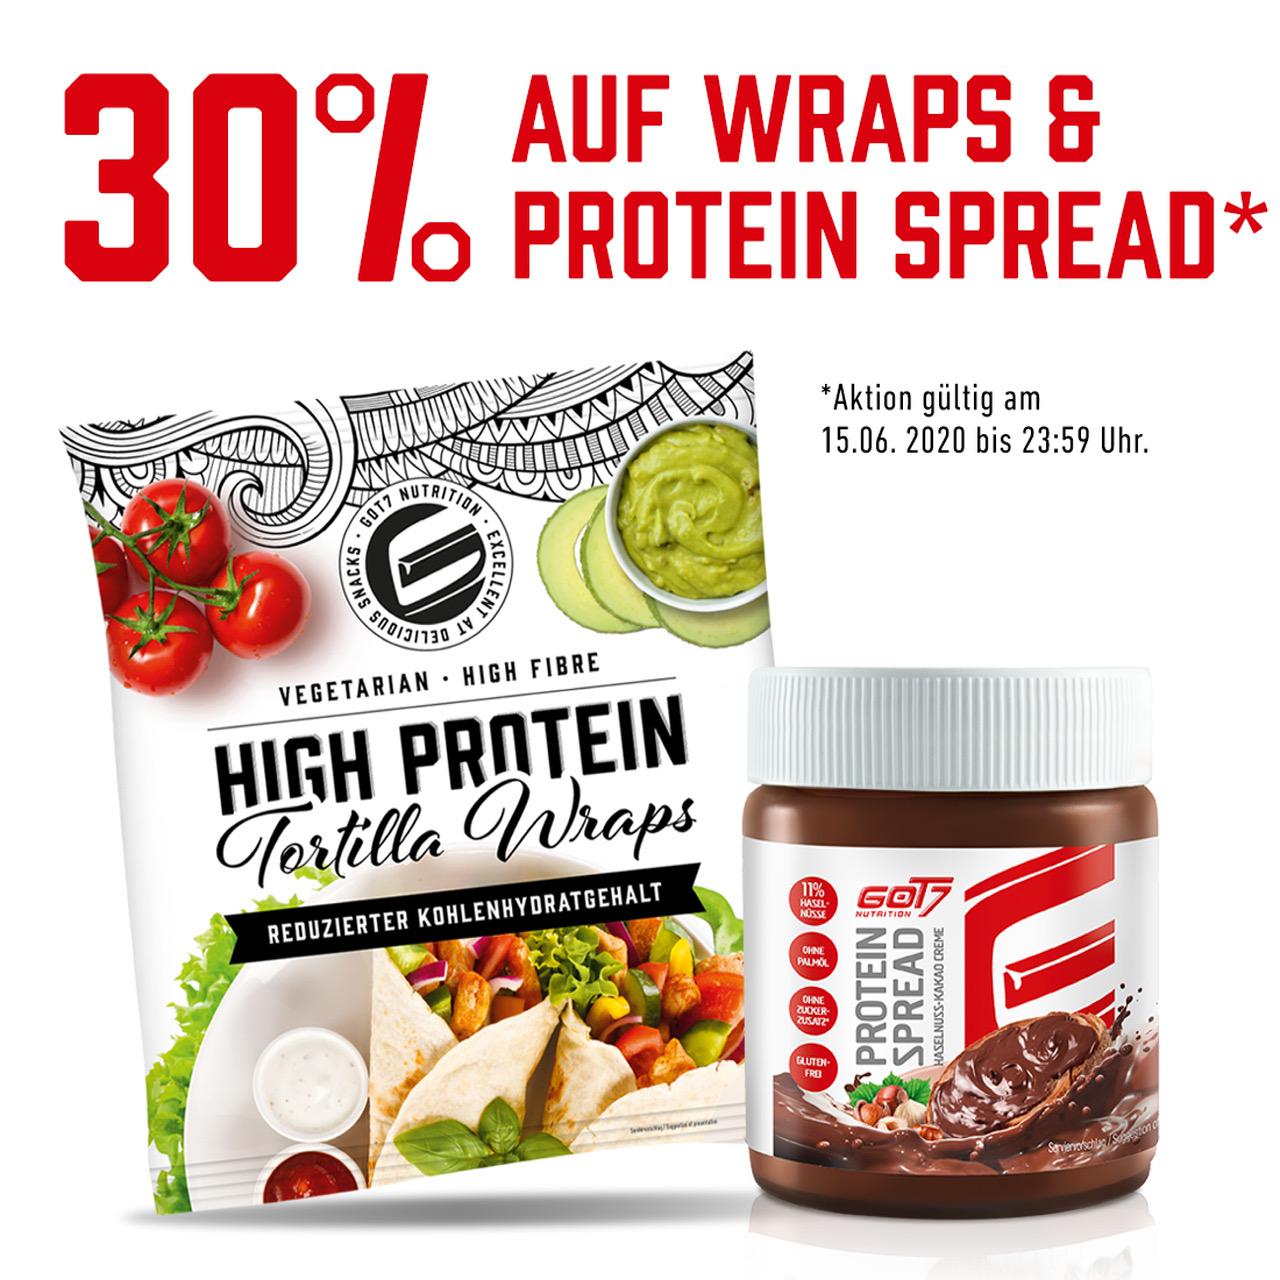 30% auf GOT7 Protein Spread und Wraps